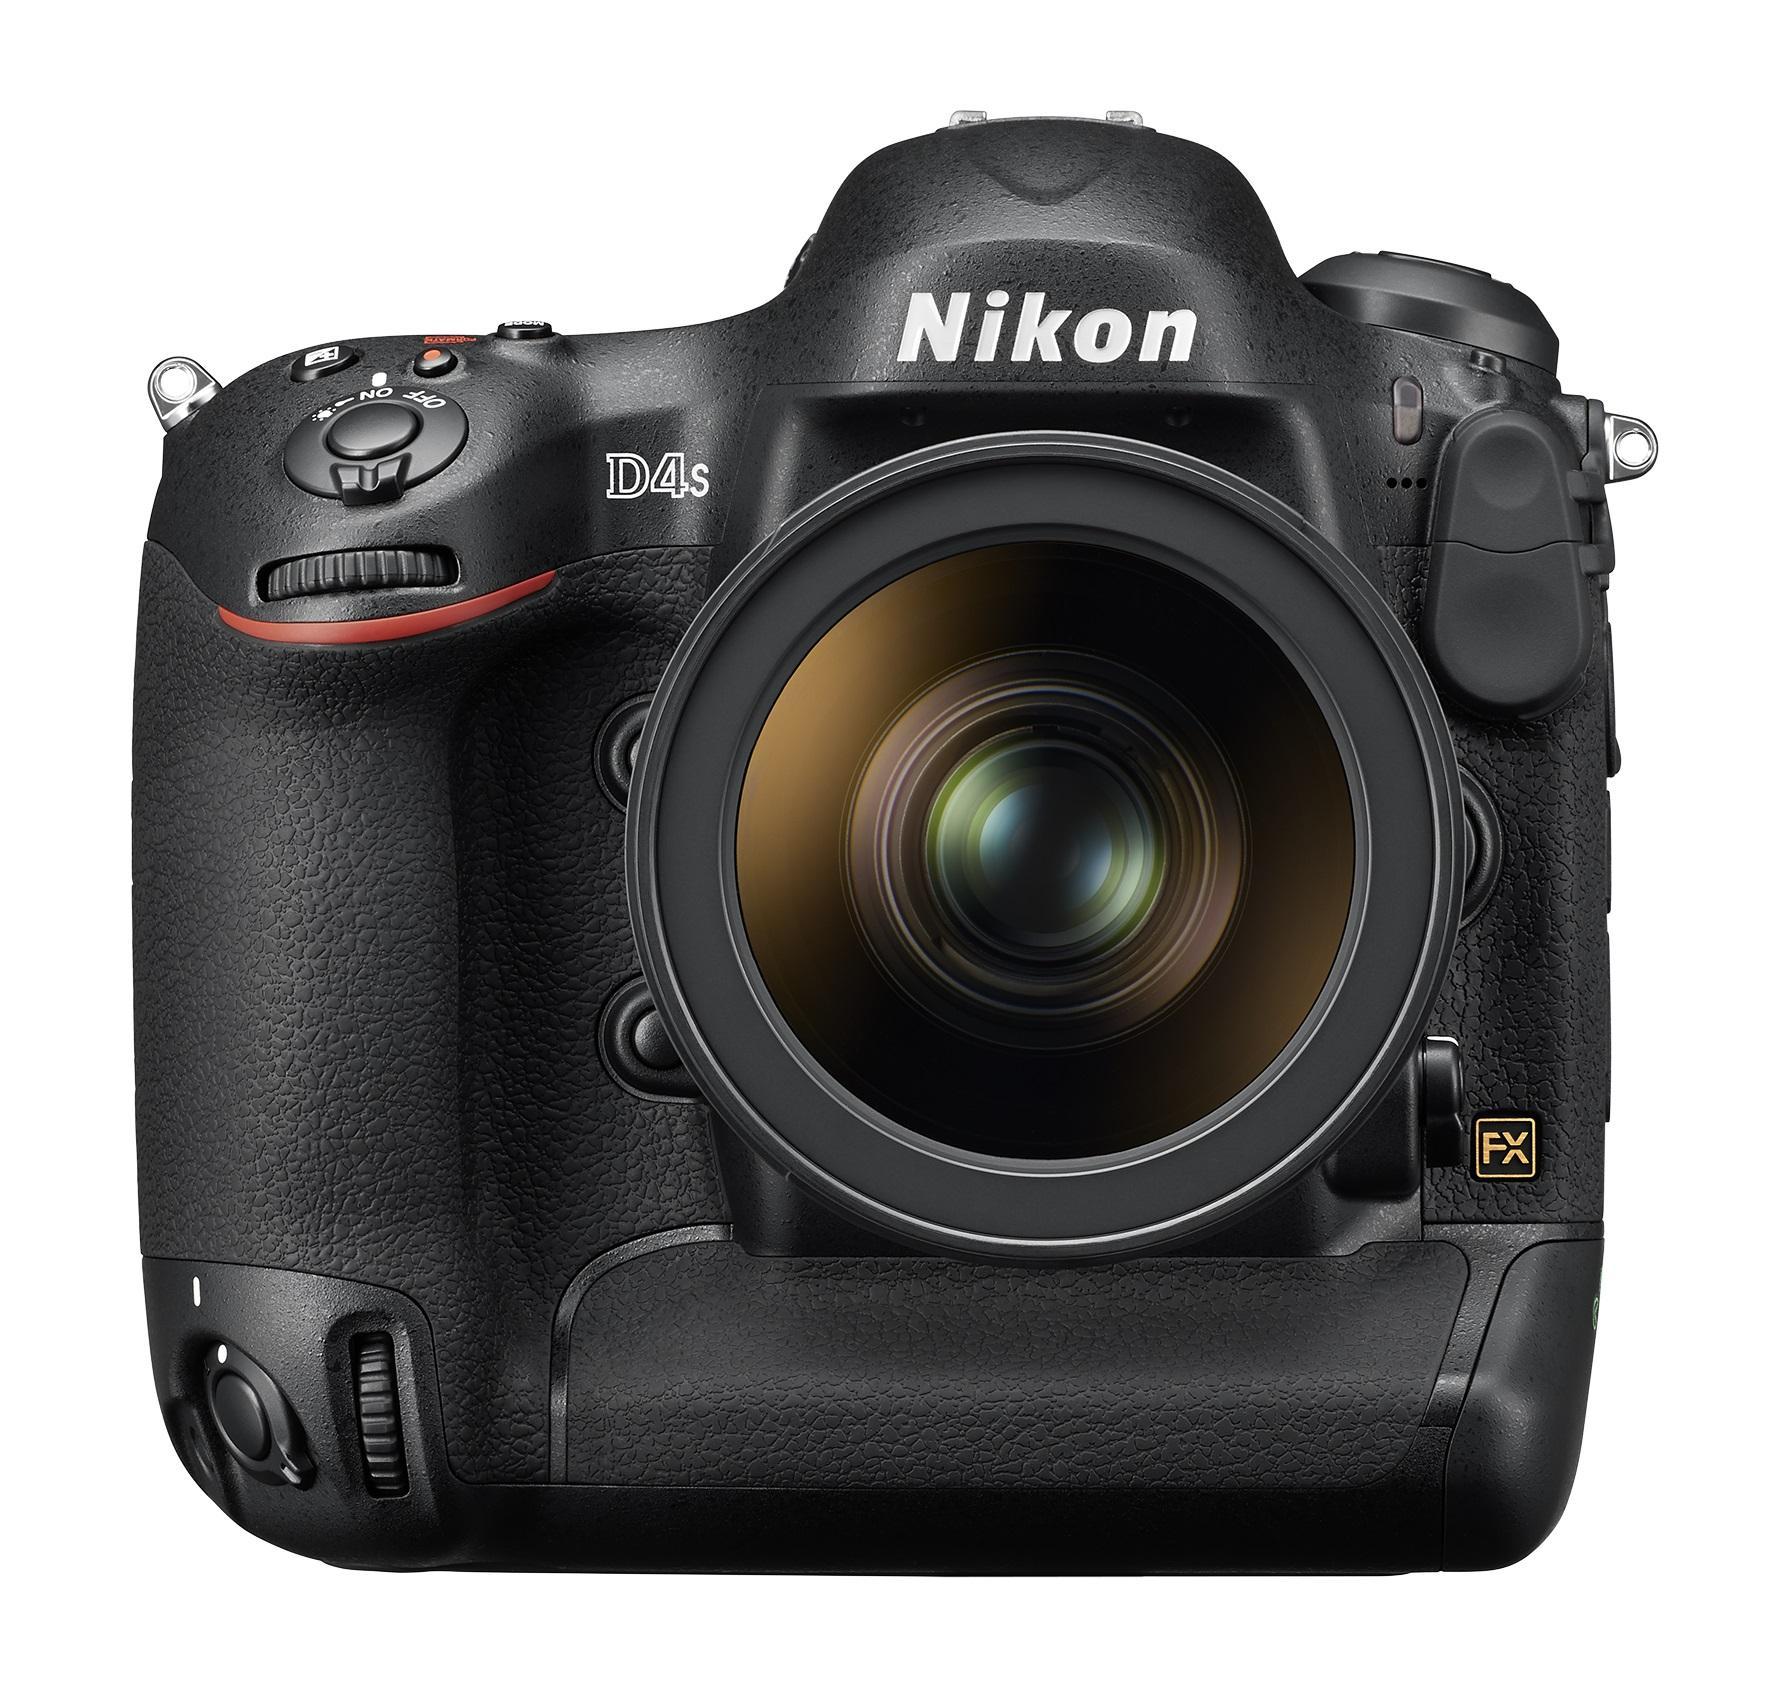 الجيل التالي من كاميرات SLR الرقمية: نيكون تطلق الكاميرا D4S